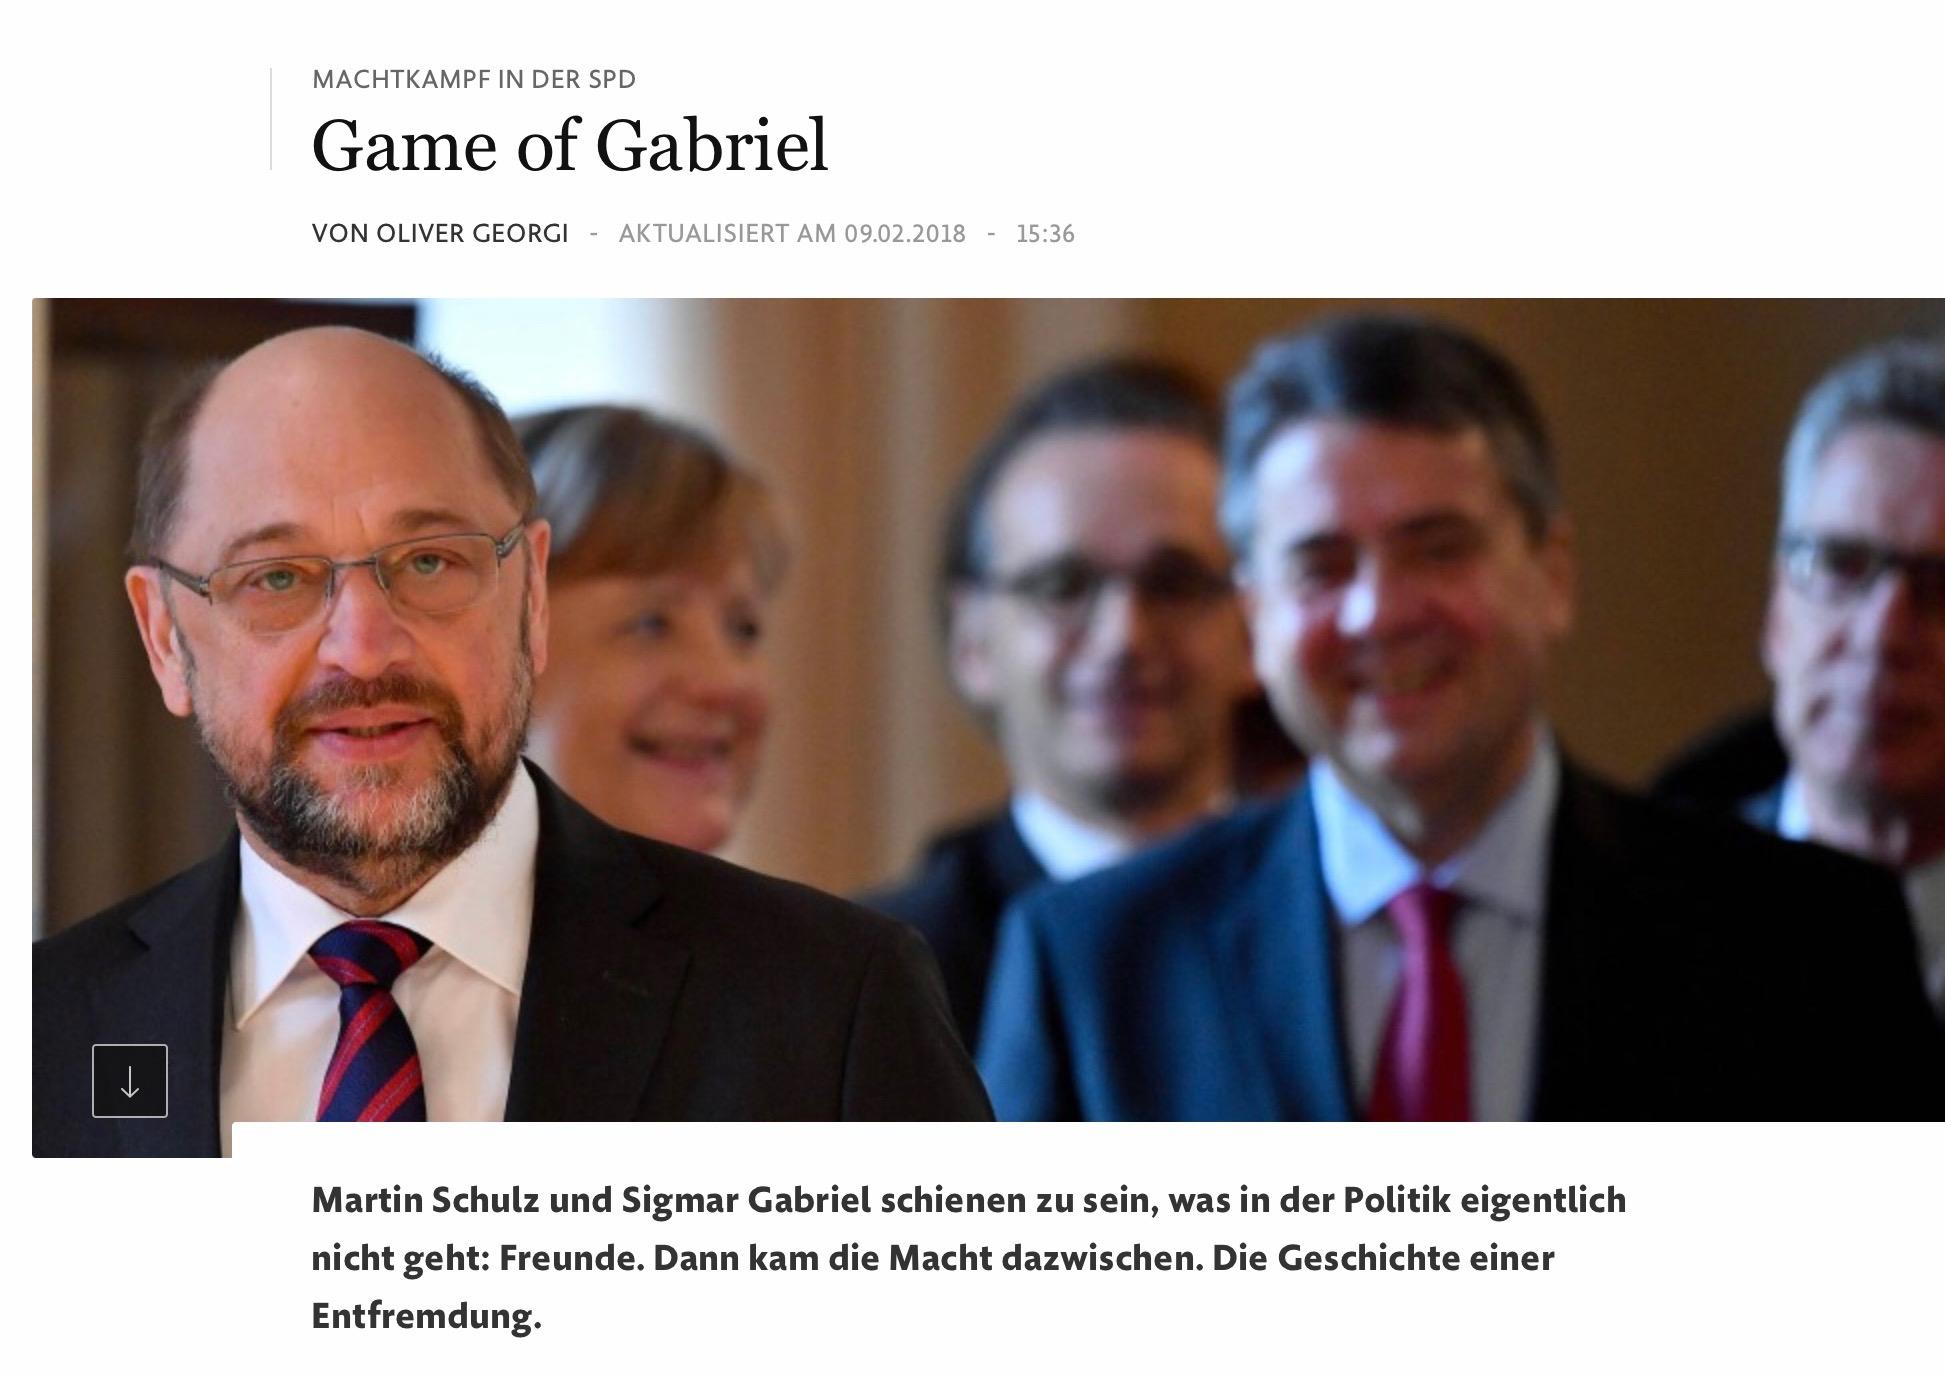 Machtkampf in der SPD